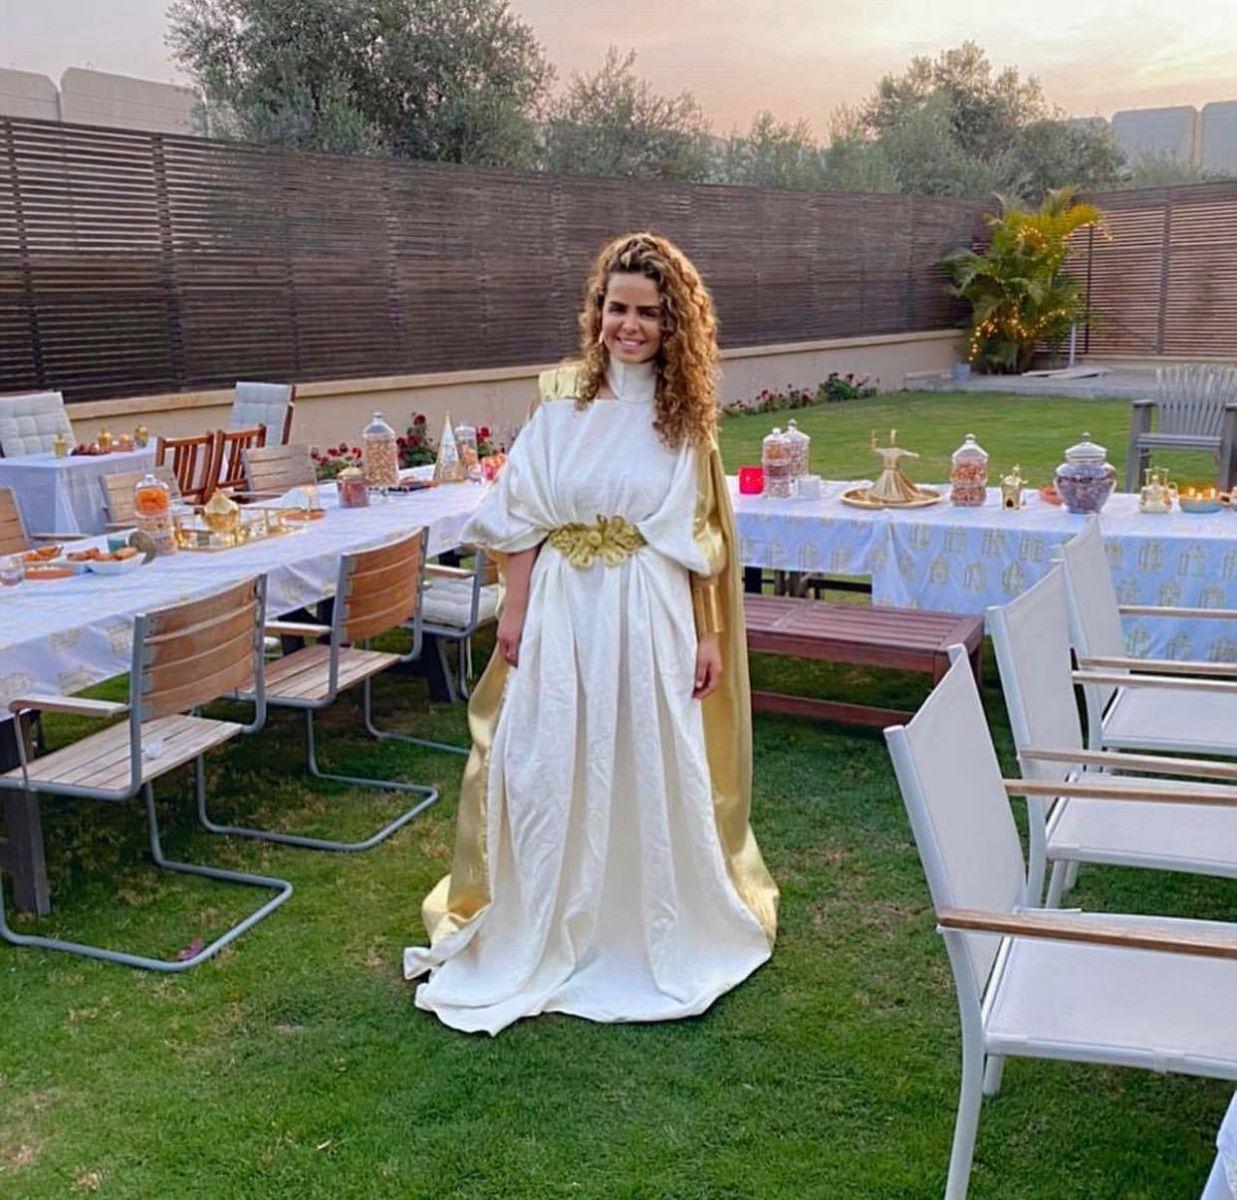 شاهد.. شيرين حمدي تتألق بالأبيض والذهبي أثناء إستضافتها لمجموعة من الفنانين